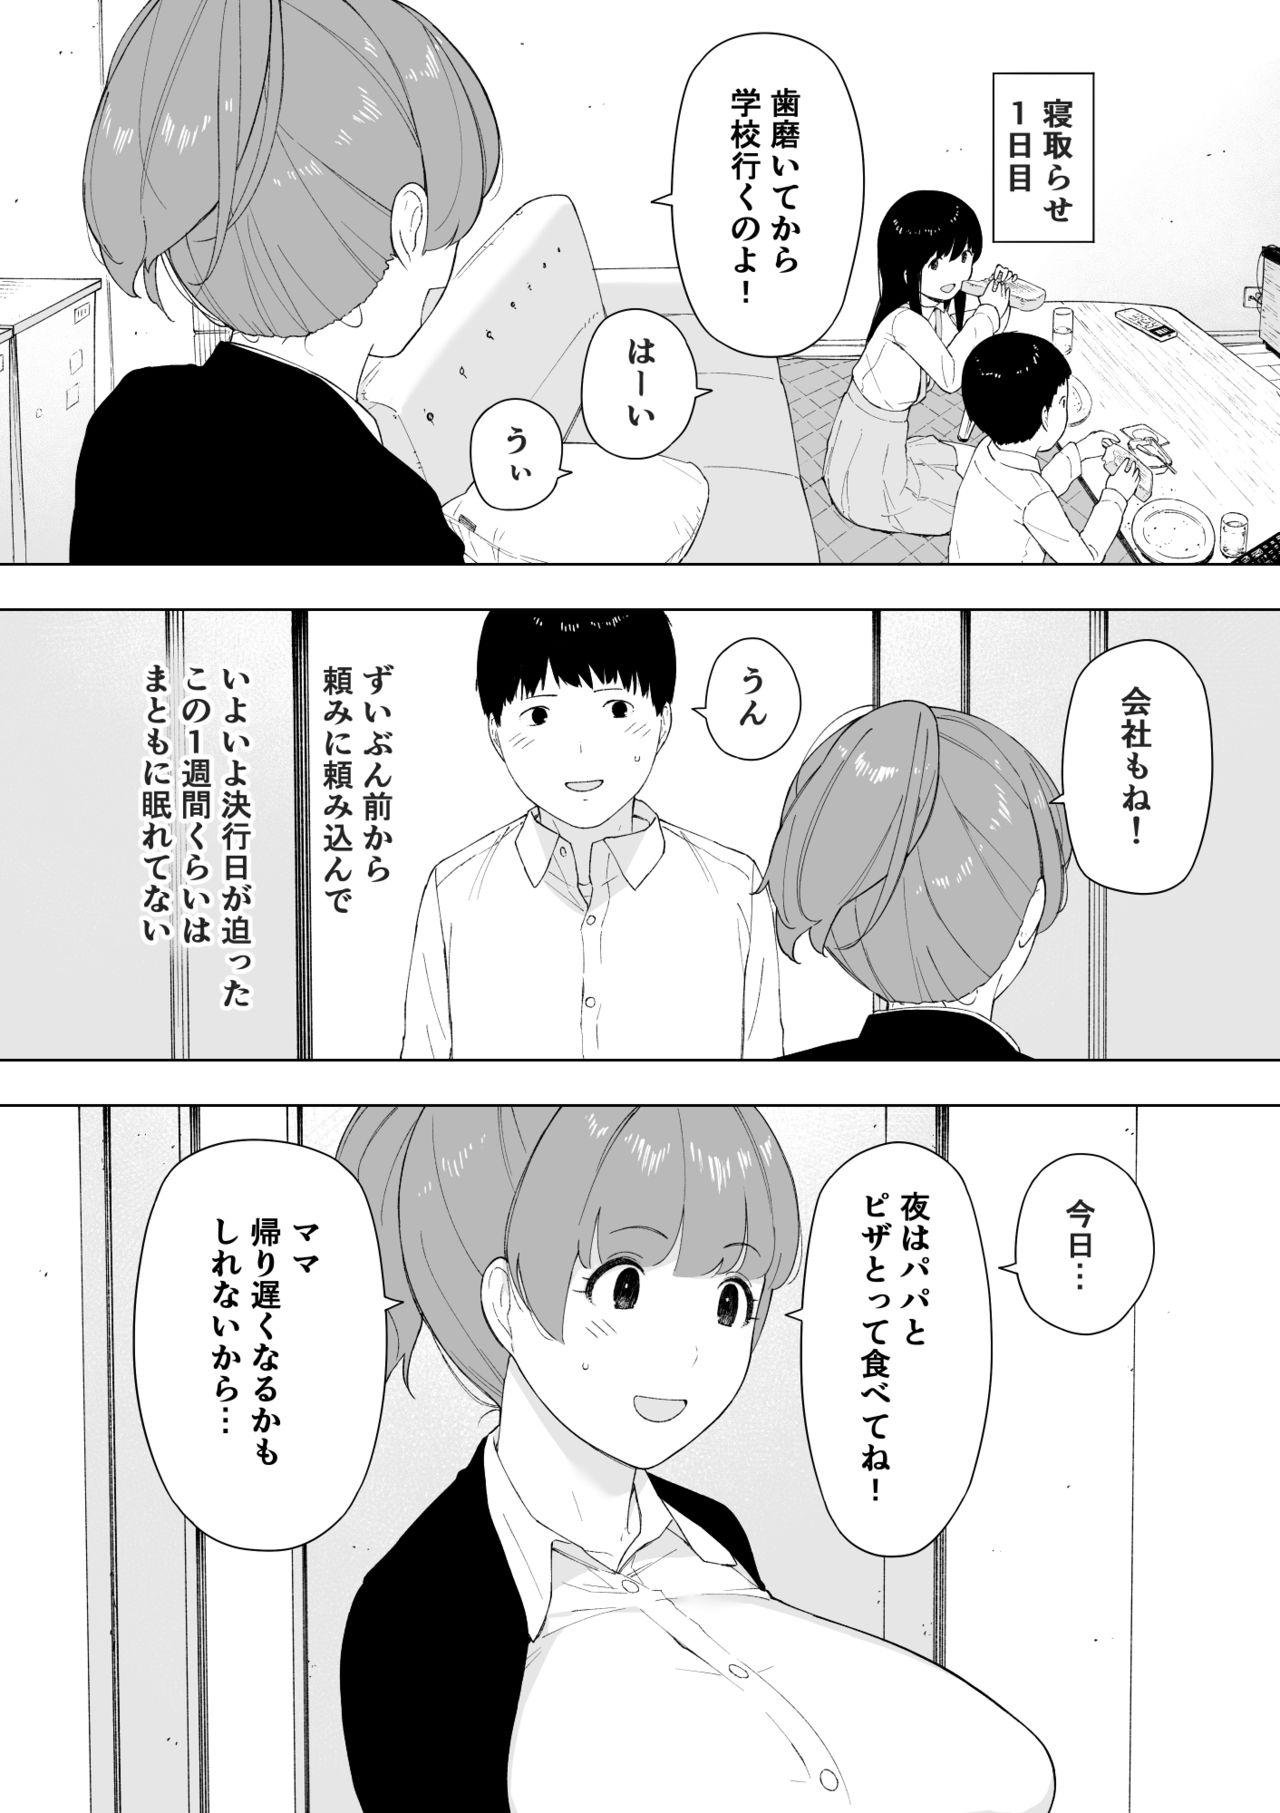 Aisai, Doui no Ue, Netorare 5 ~Moriguchi-ke no Onna~ page 4 full